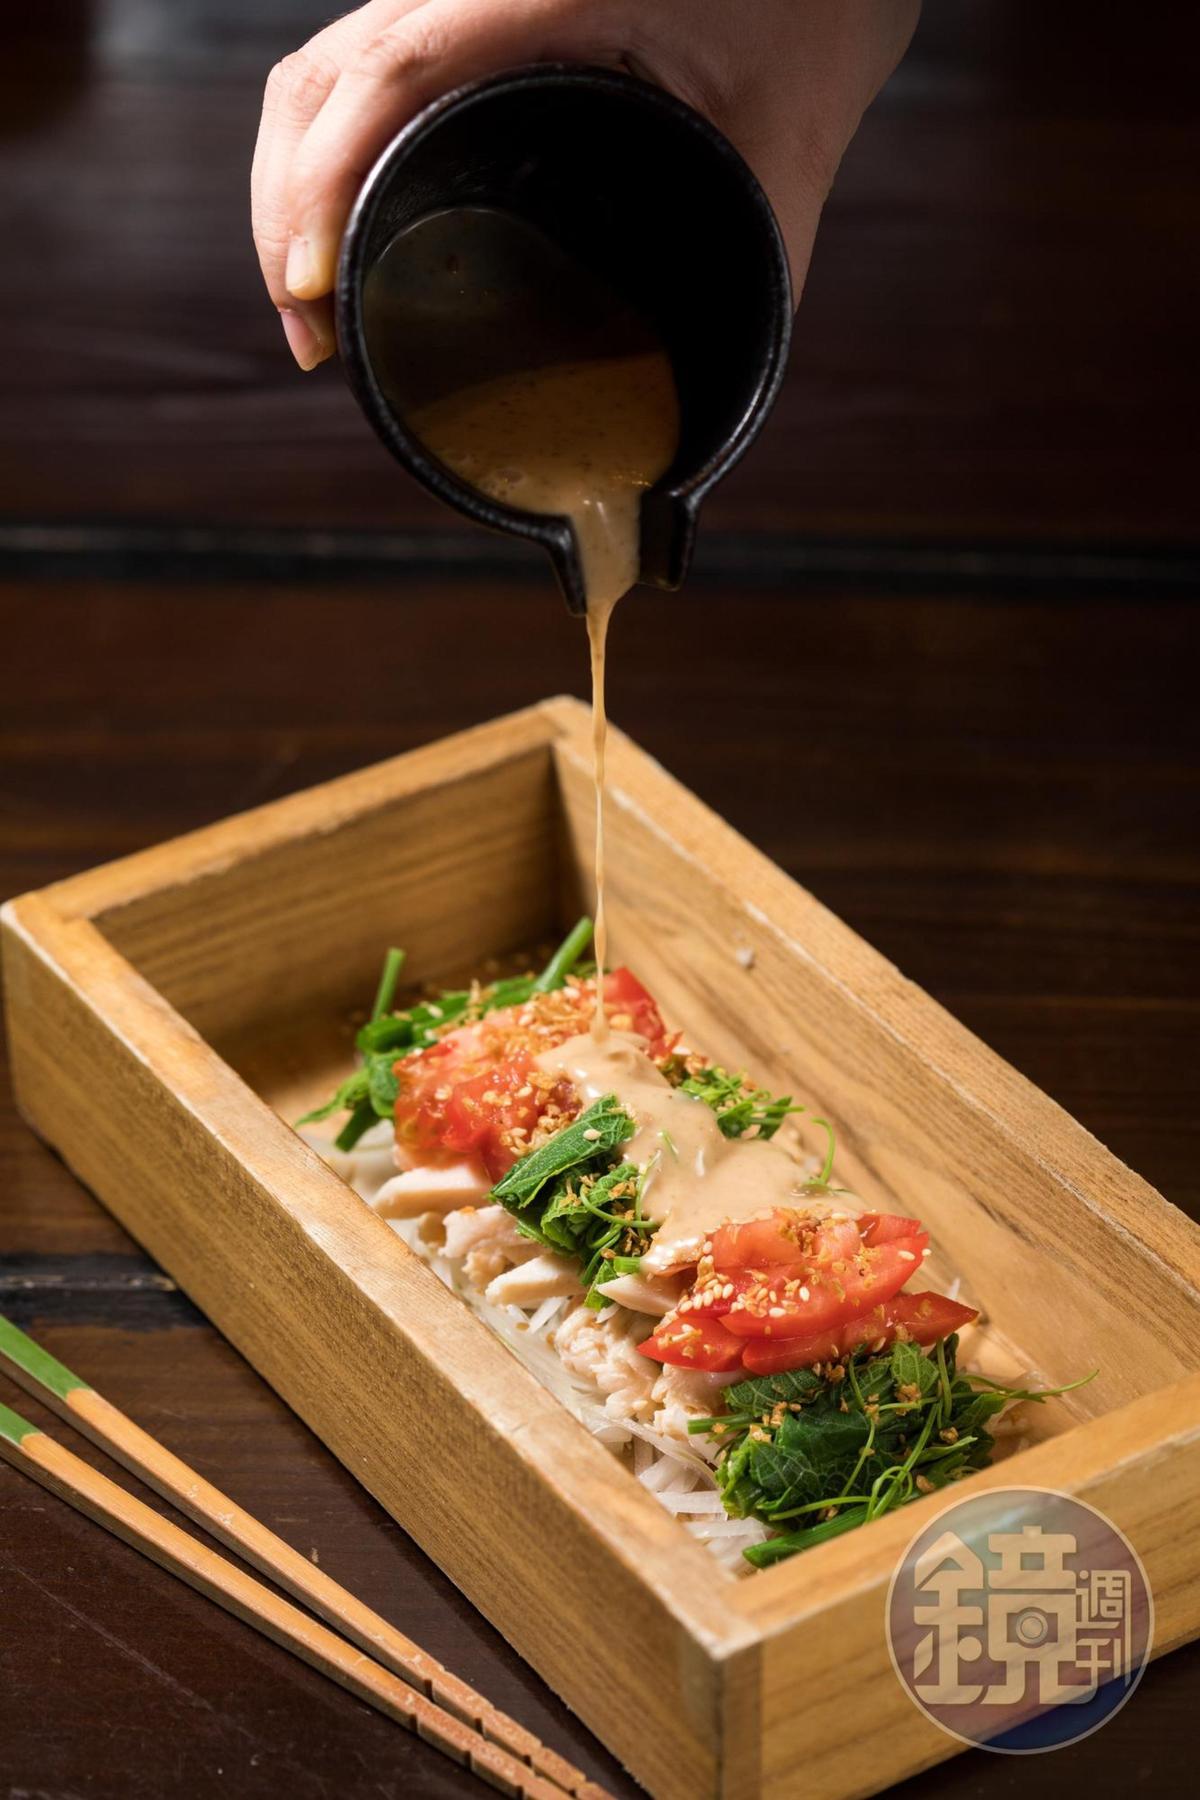 「棒棒雞沙拉」雞胸以低溫烹調,口感如雞腿柔嫩。(230元/份)